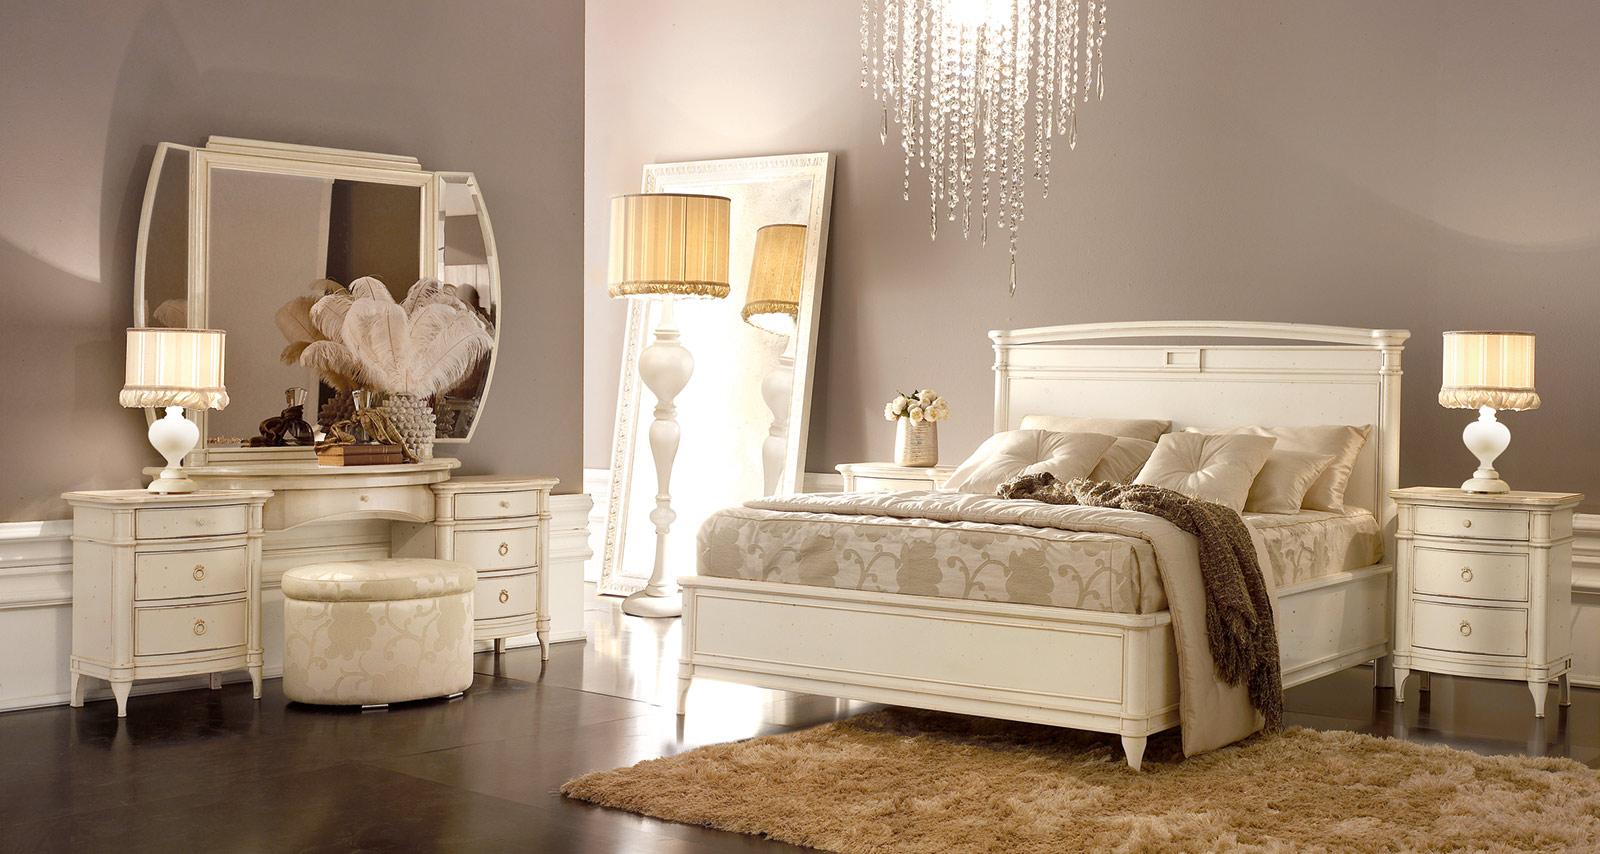 ديكورات غرف نوم كلاسيك (8)